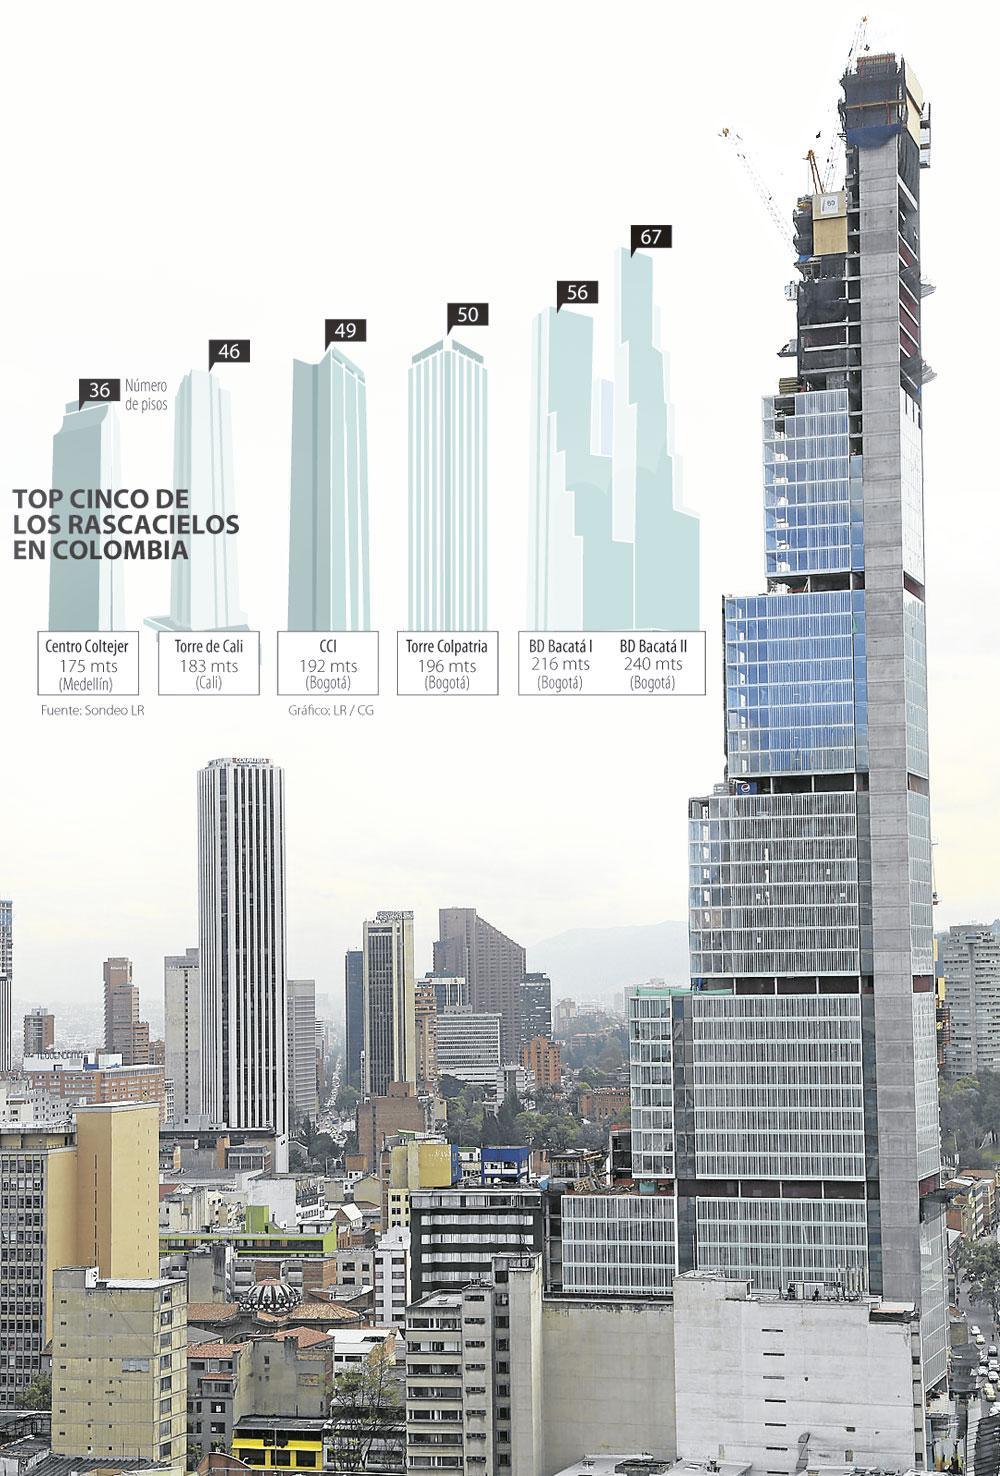 edificio ms alto de colombia alternate text